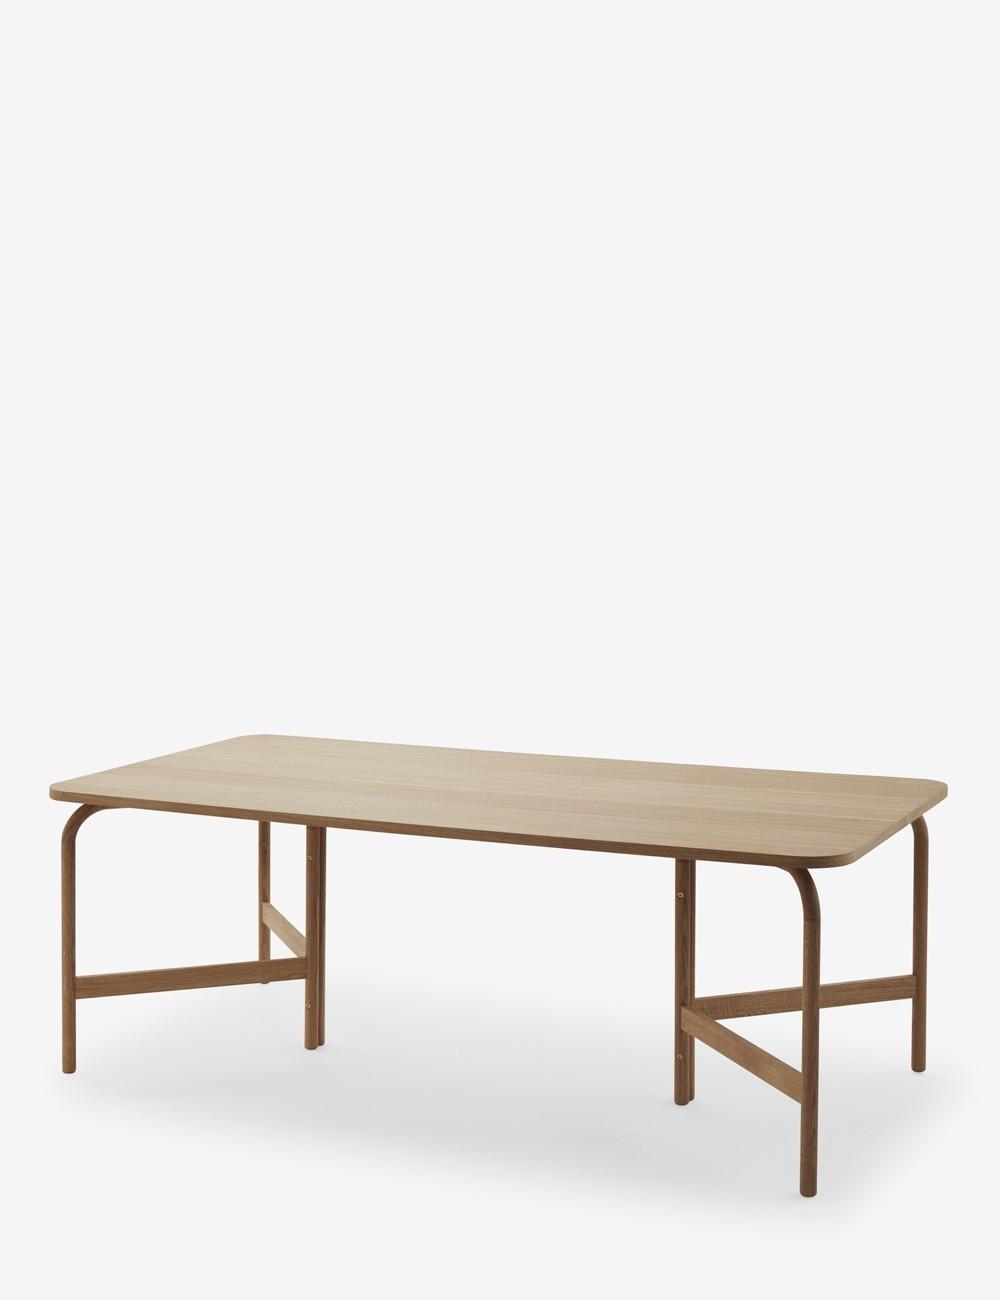 Aldus Table Skagerak - Mesa Comedor Roble Aceitado - Diseño Nórdico